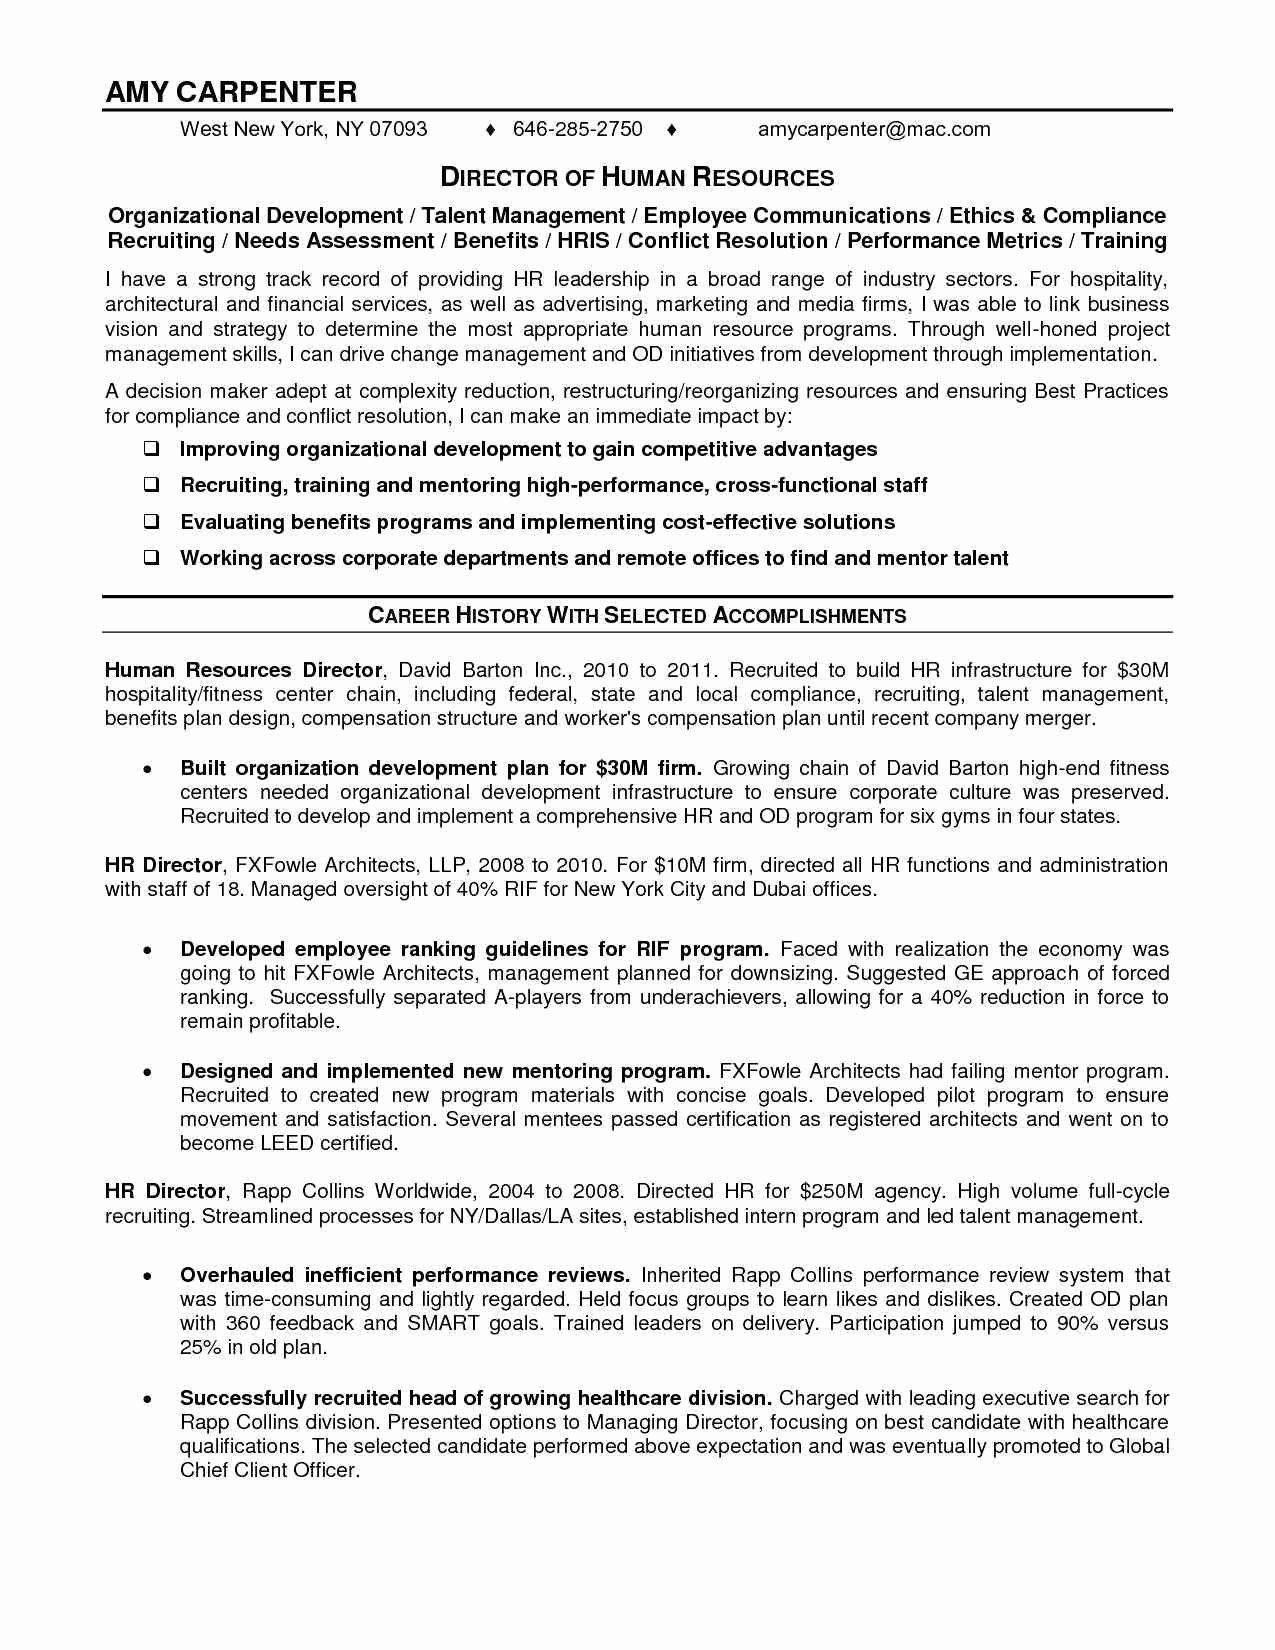 Vendor Due Diligence Report Sample   Glendale Community Regarding Vendor Due Diligence Report Template